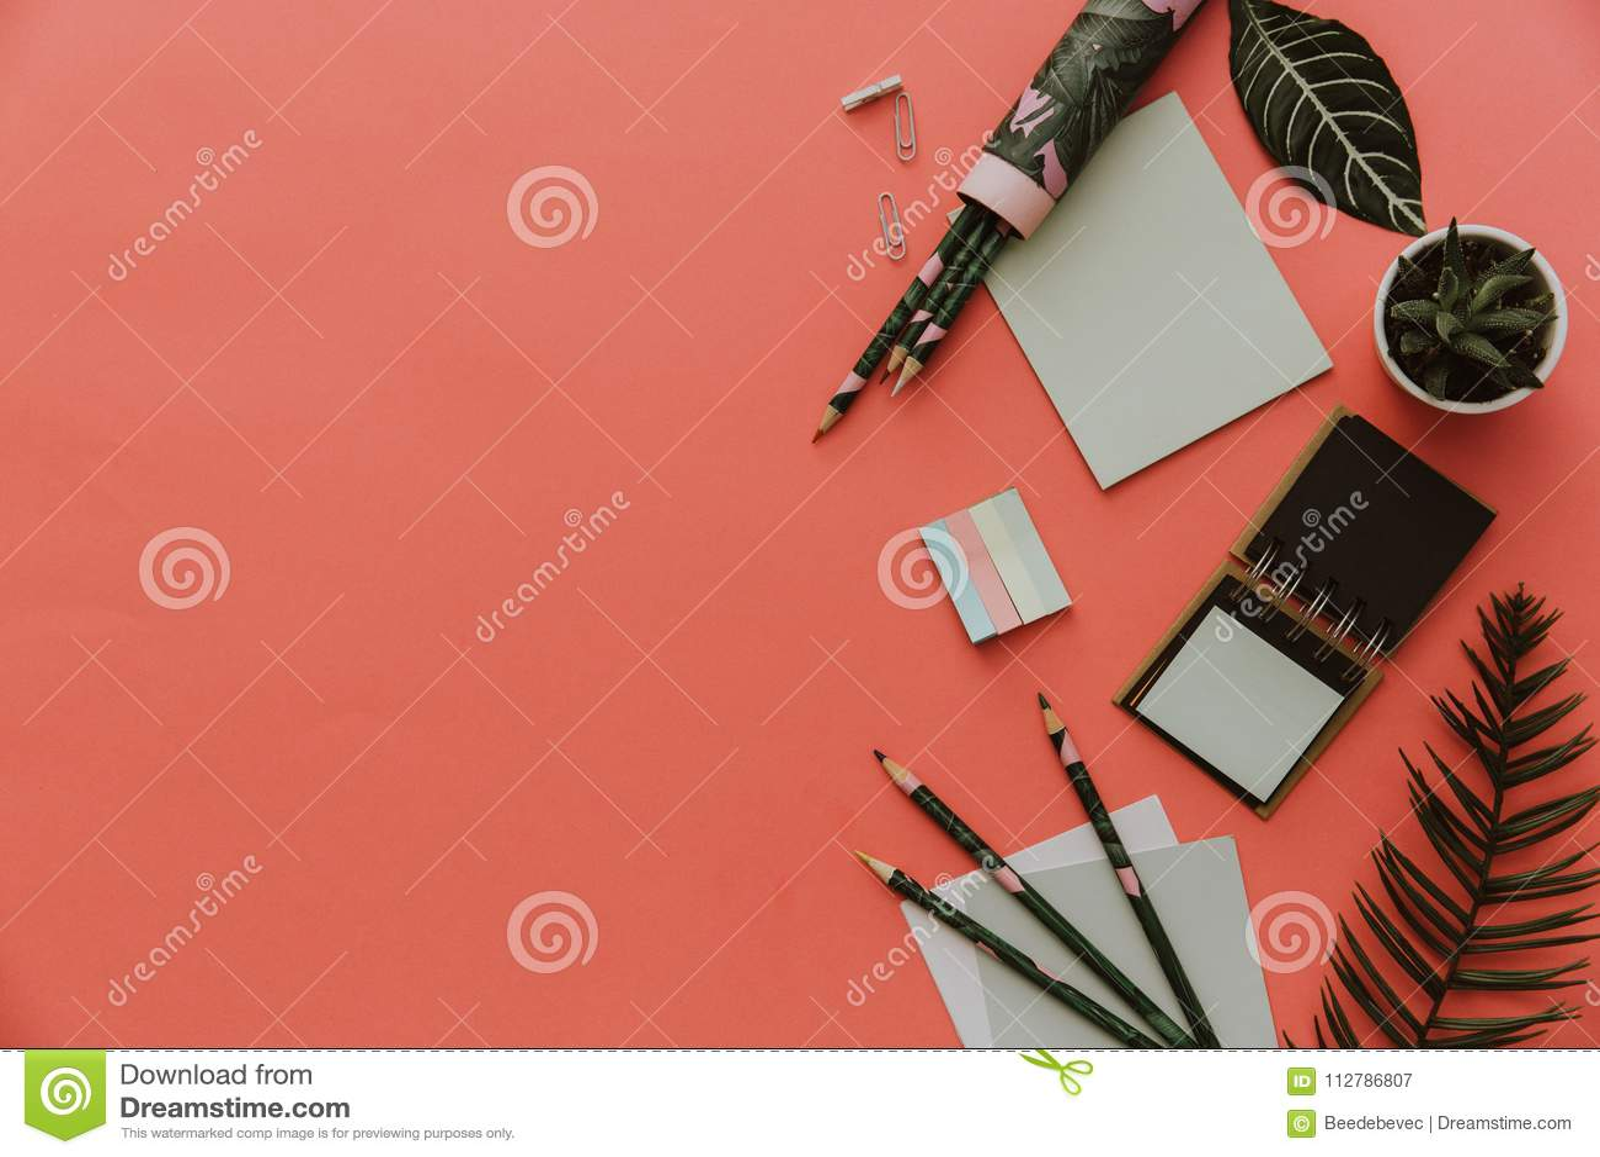 Stacjonarny pojęcie, mieszkanie Nieatutowa nożyce fotografia, ołówki, papier na różowym tle